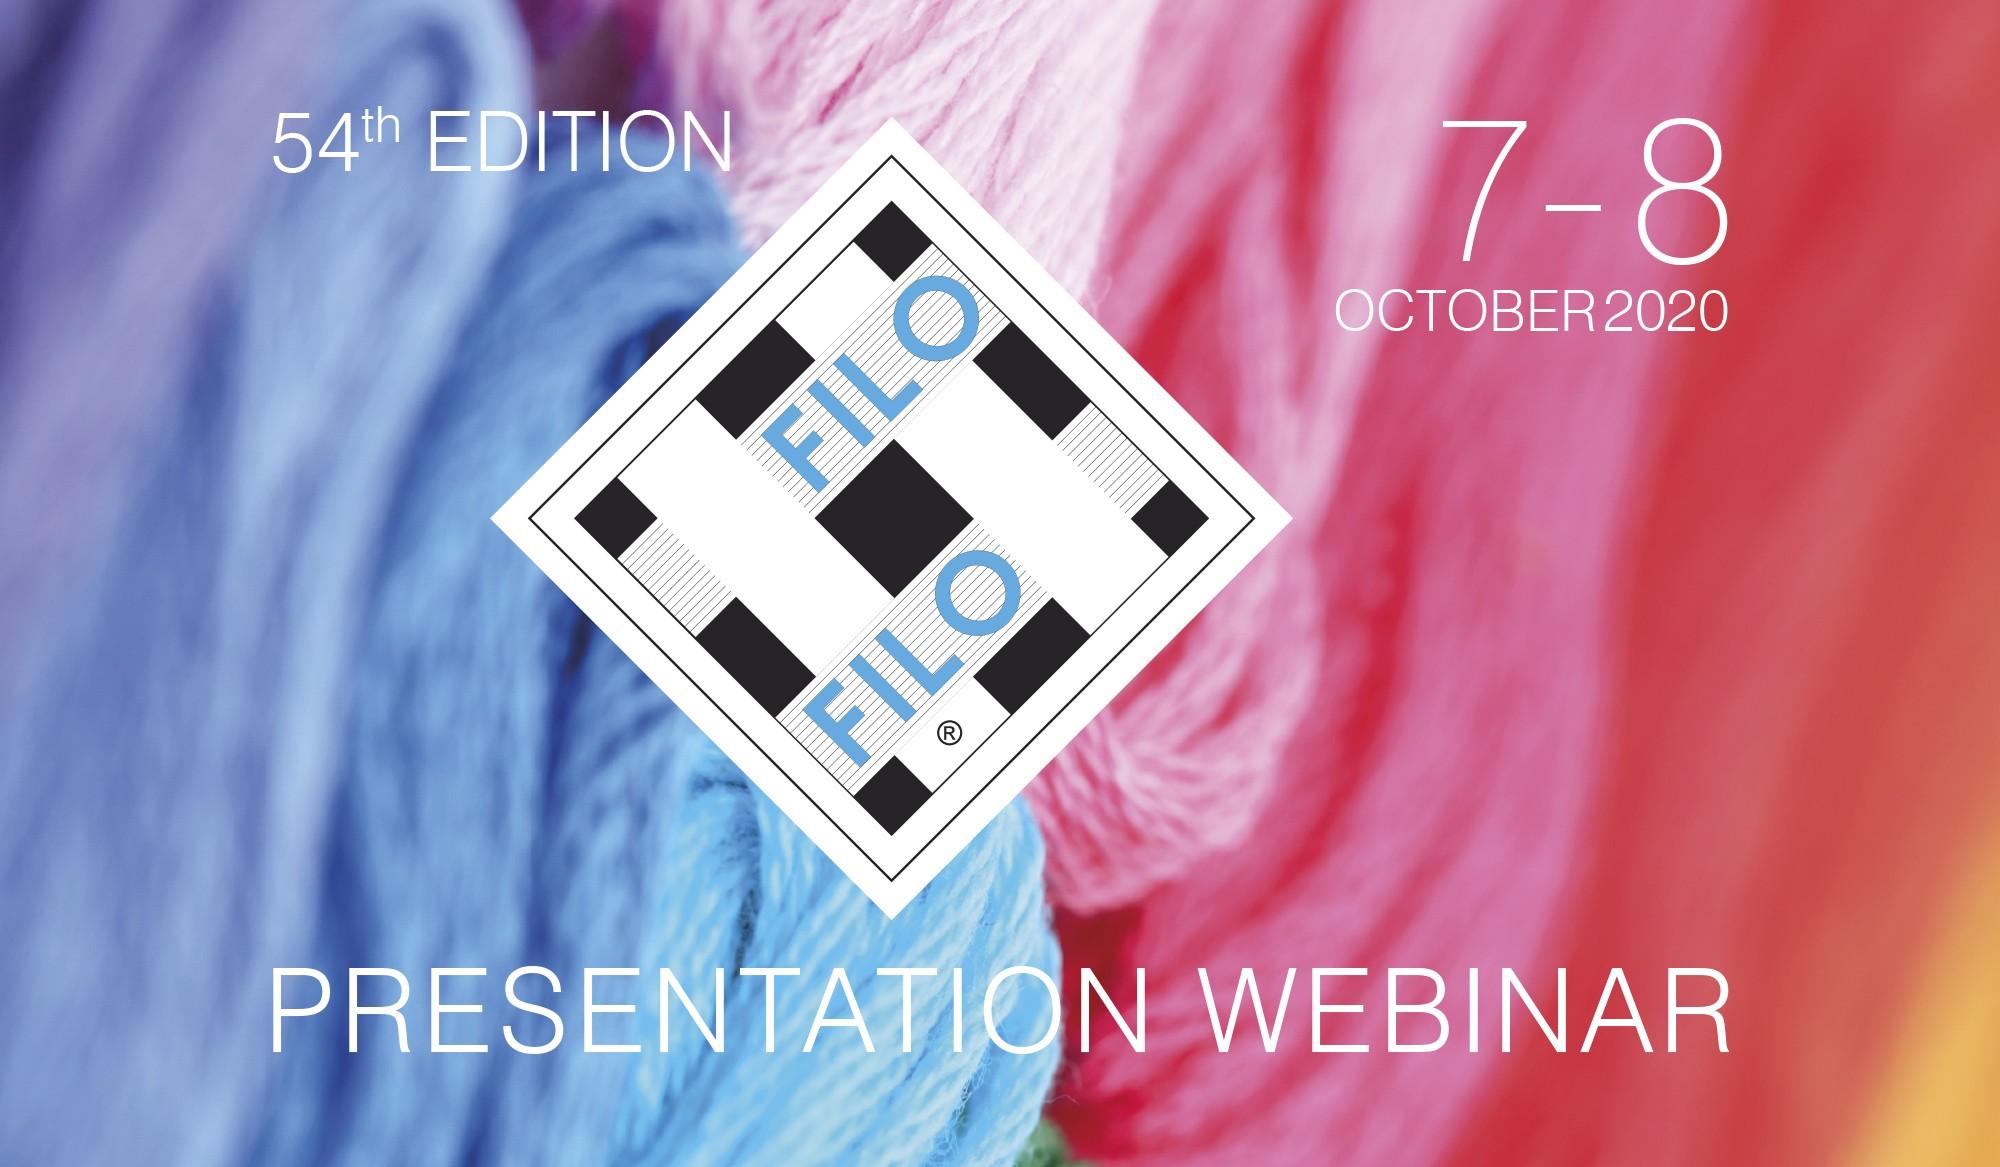 The 54th Edition Of Filo Presented Via Webinar